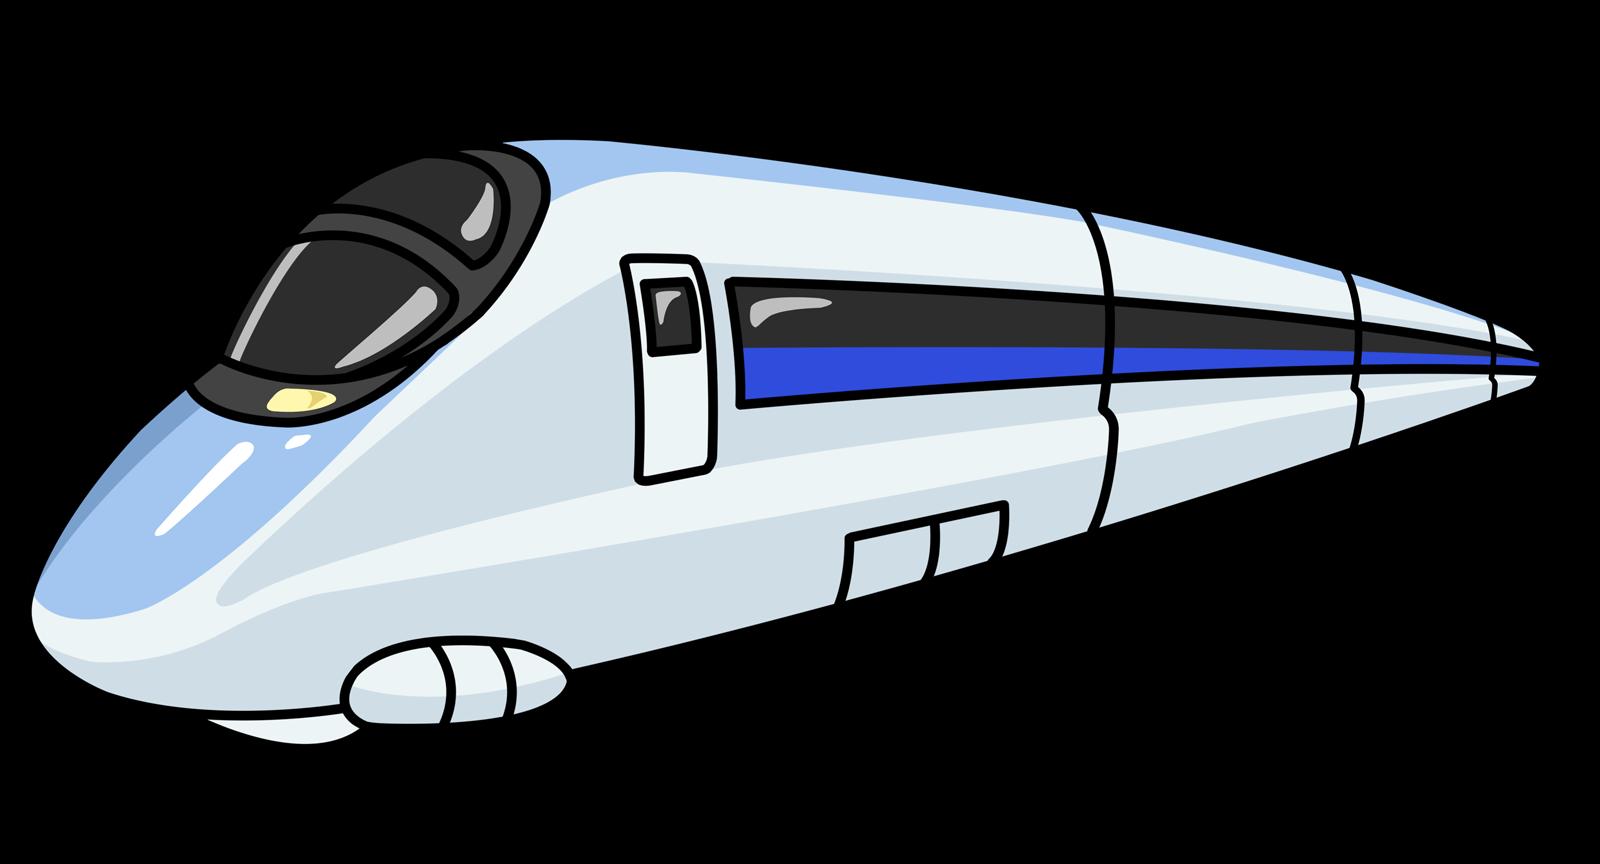 Bullet train clip art.